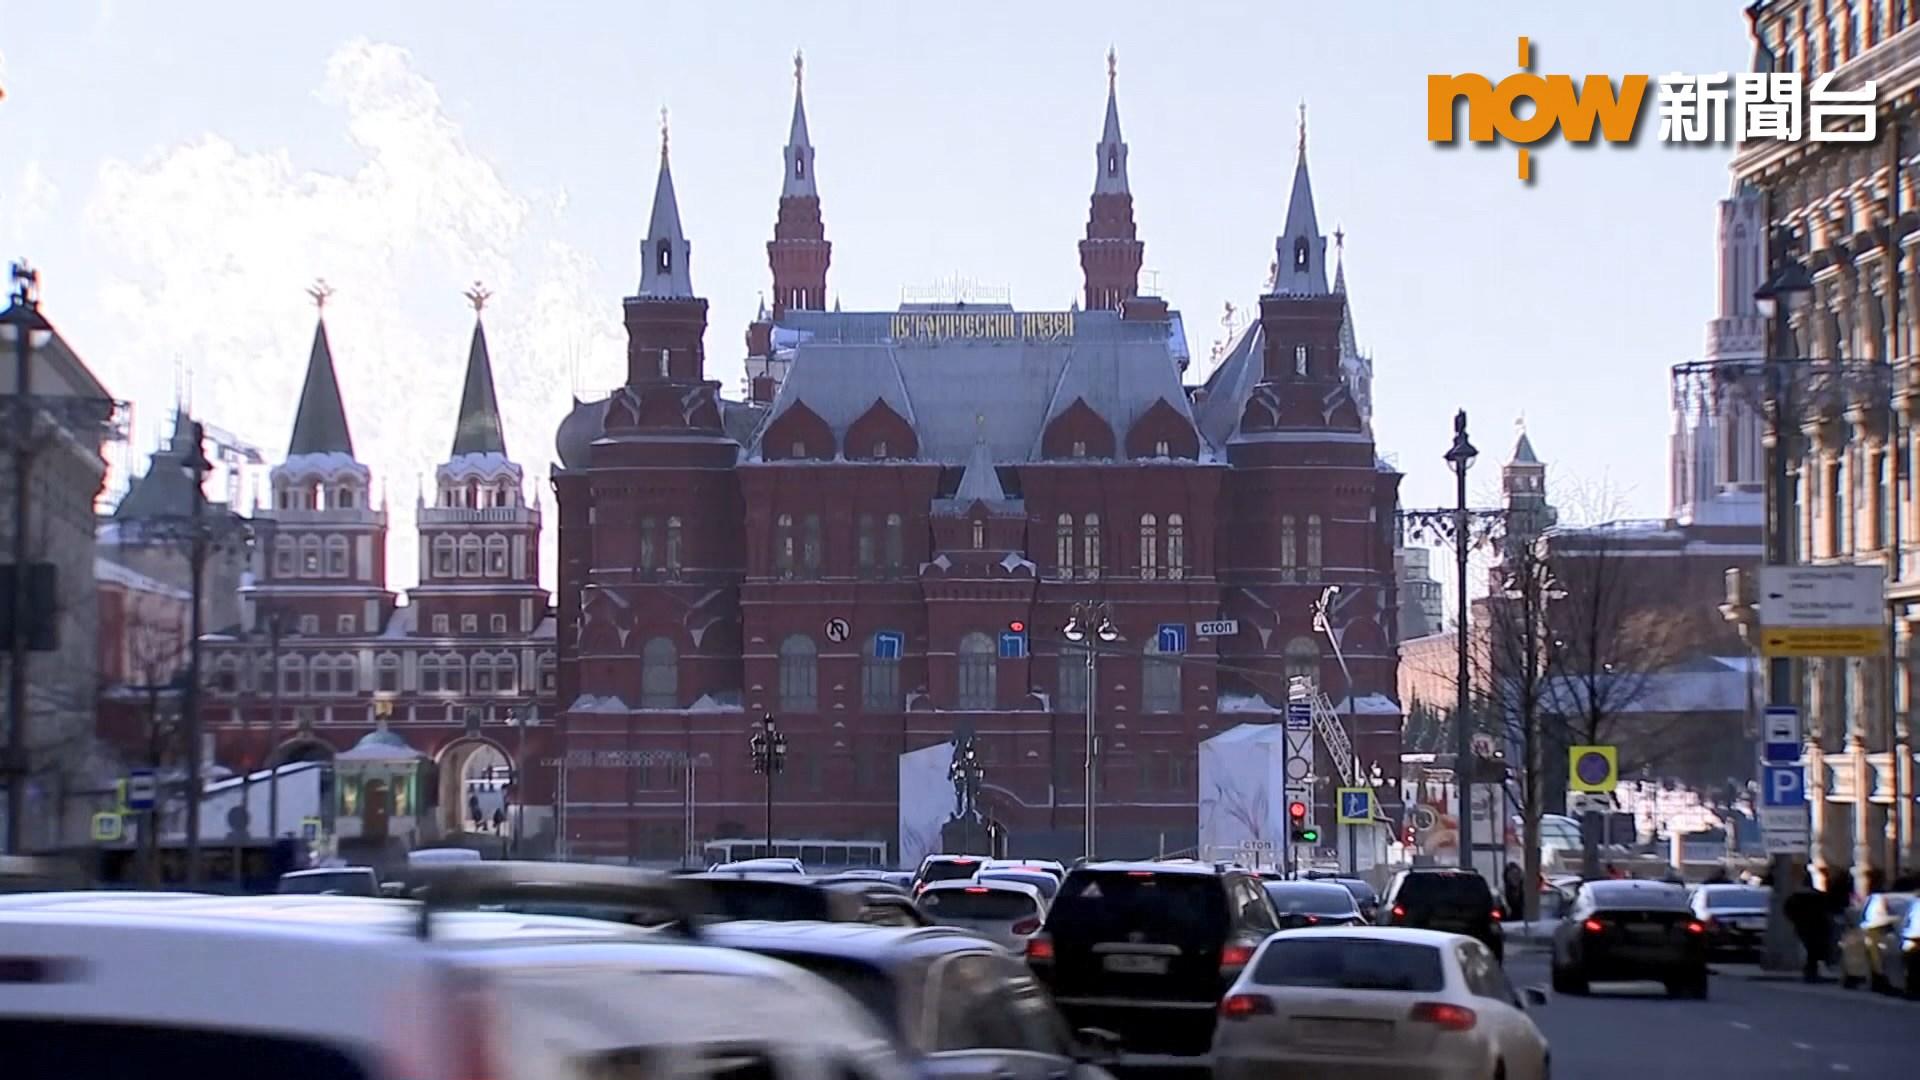 俄羅斯擬短暫中斷互聯網連線